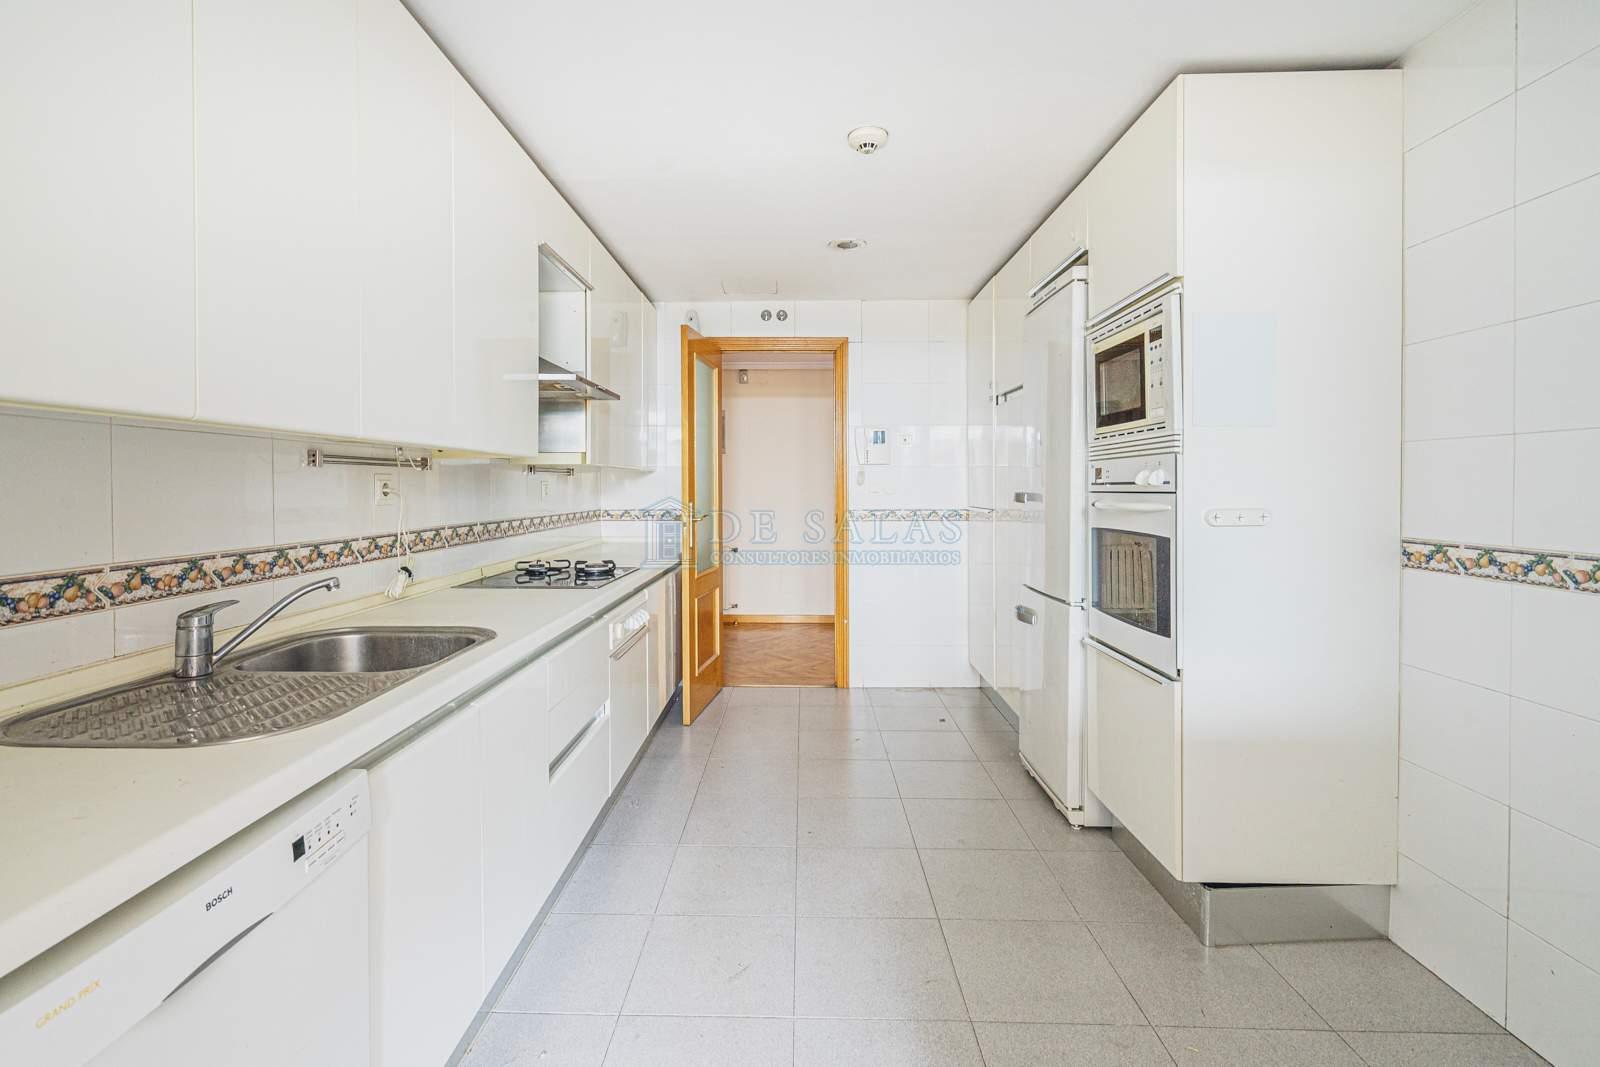 Cocina-0019 Appartement El Encinar de los Reyes